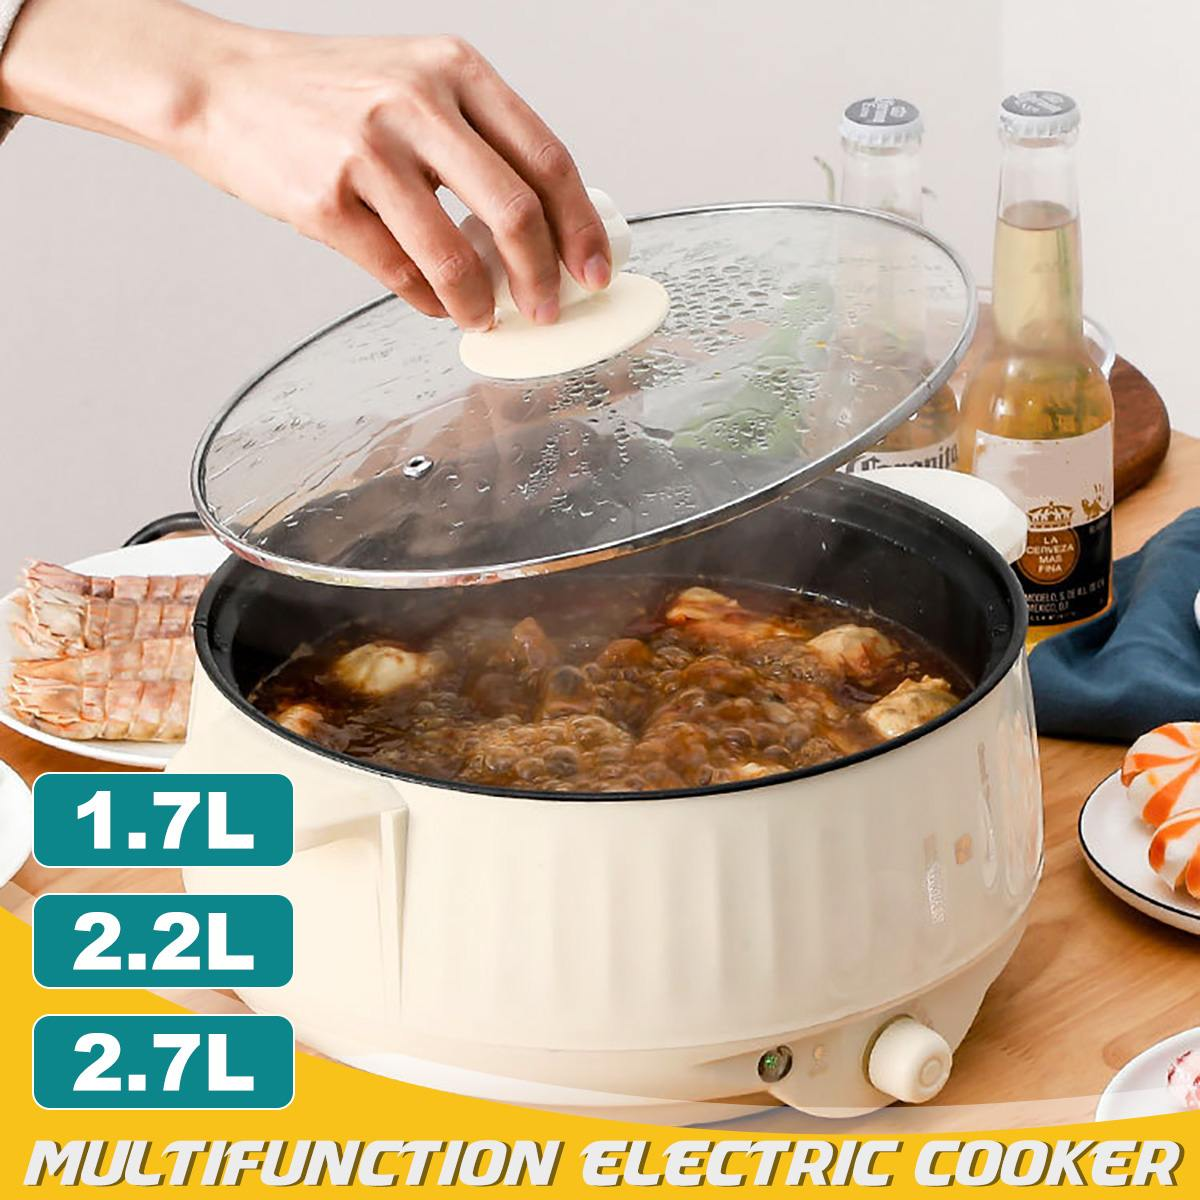 20-24 سنتيمتر متعددة الوظائف طباخ كهربائي غير عصا متعددة طباخ كهربائي للسفر مدرسة المنزل هدية مجانية 400 واط-1000 واط